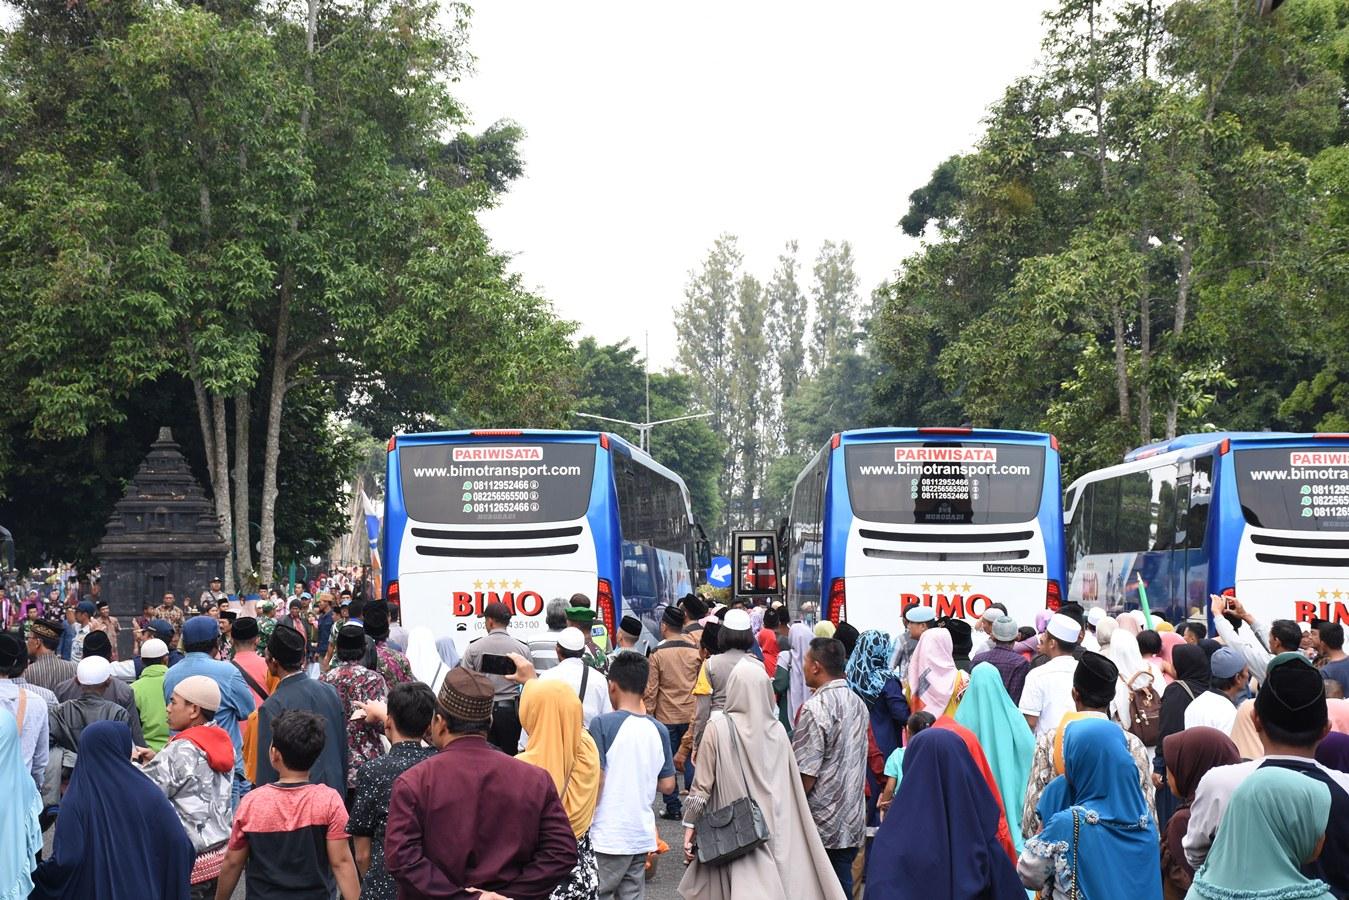 Jamaah Haji Wonosobo Tiba Di Tanah Air